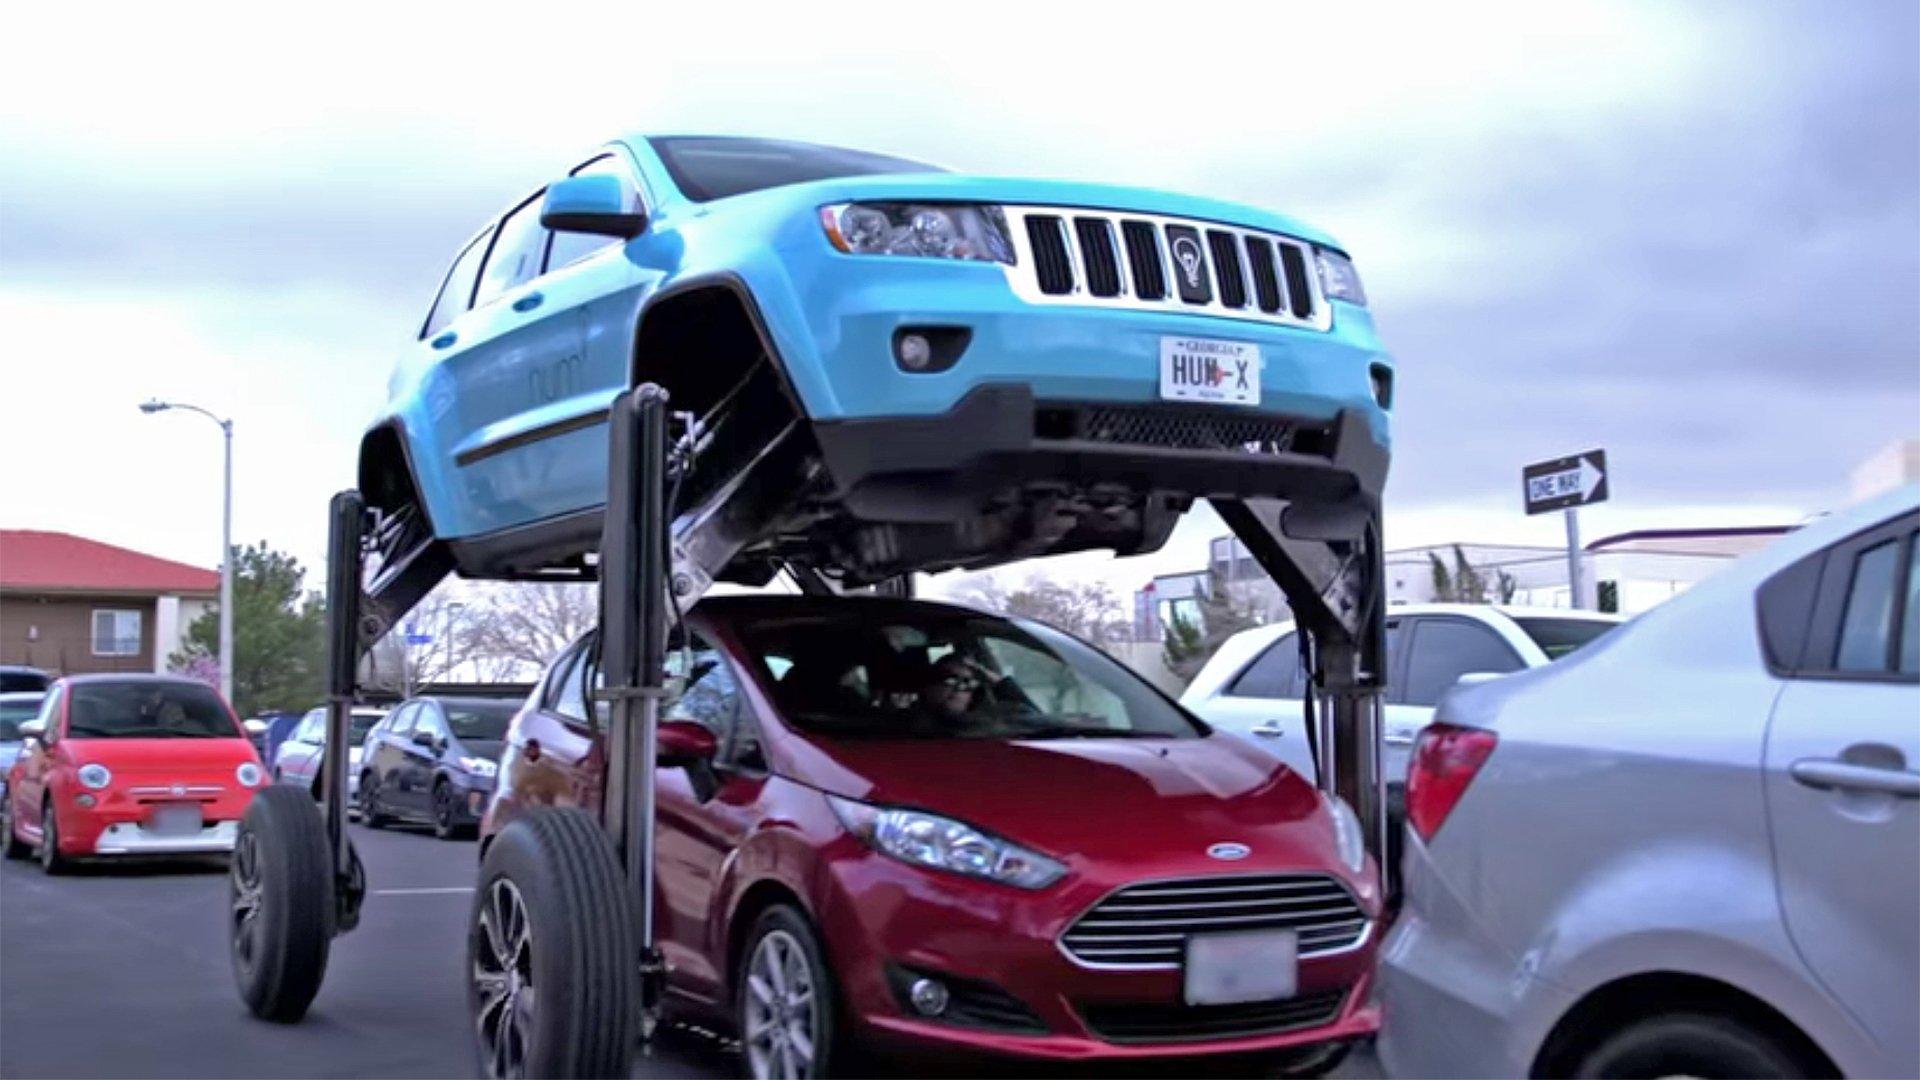 jeep-hum-x.jpg